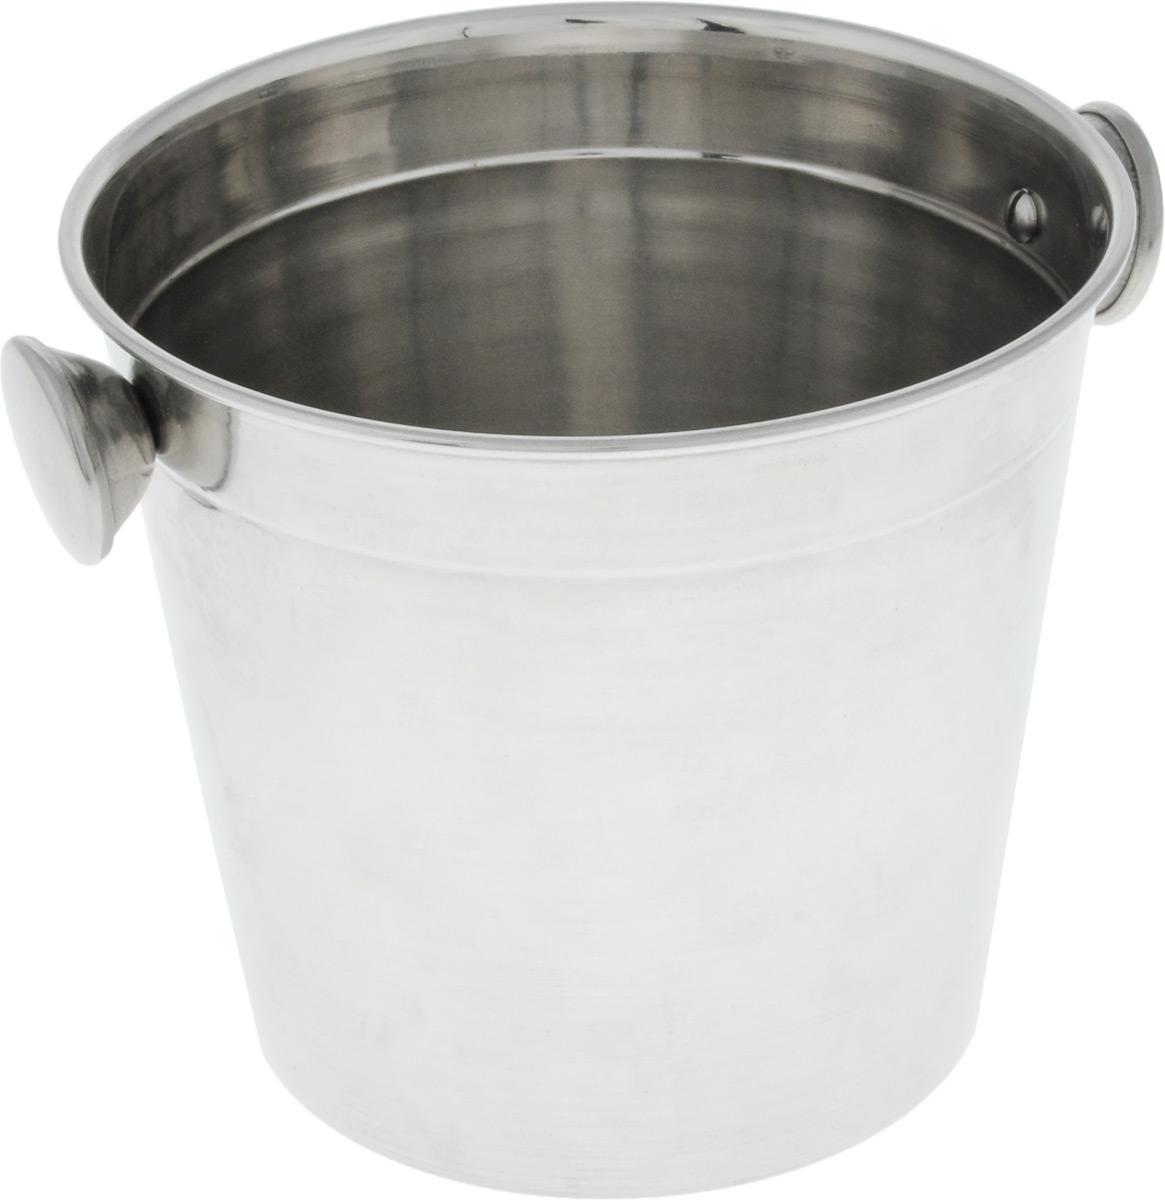 Ведерко для льда SSW, 10 х 13 х 11,3 см477296Ведерко для льда SSW выполнено из нержавеющей стали с глянцевой полировкой. Такая емкость будет актуальна на банкетах и фуршетах, если в меню есть напитки, которые следует подавать со льдом. Это удобно и эстетично. Размер: 10 х 13 х 11,3 см.